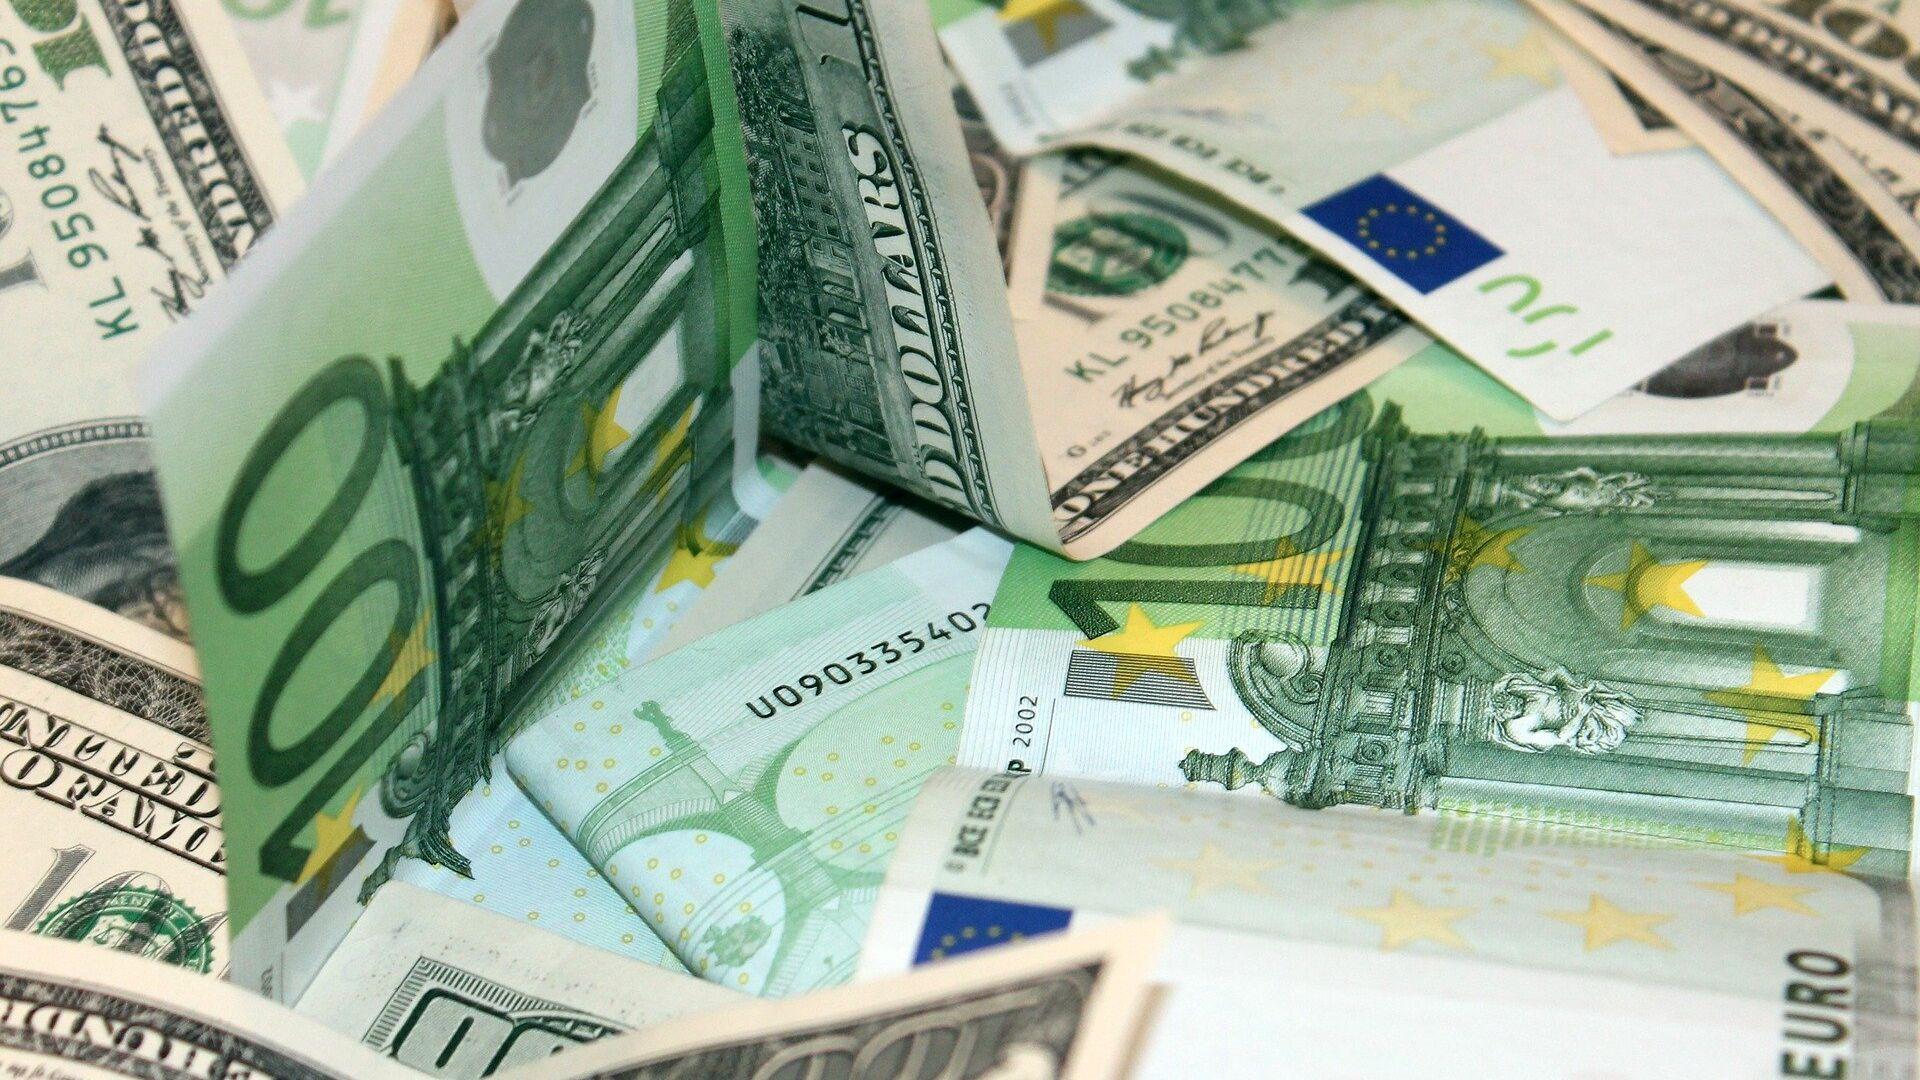 Доллары и евро - Sputnik Беларусь, 1920, 13.04.2021